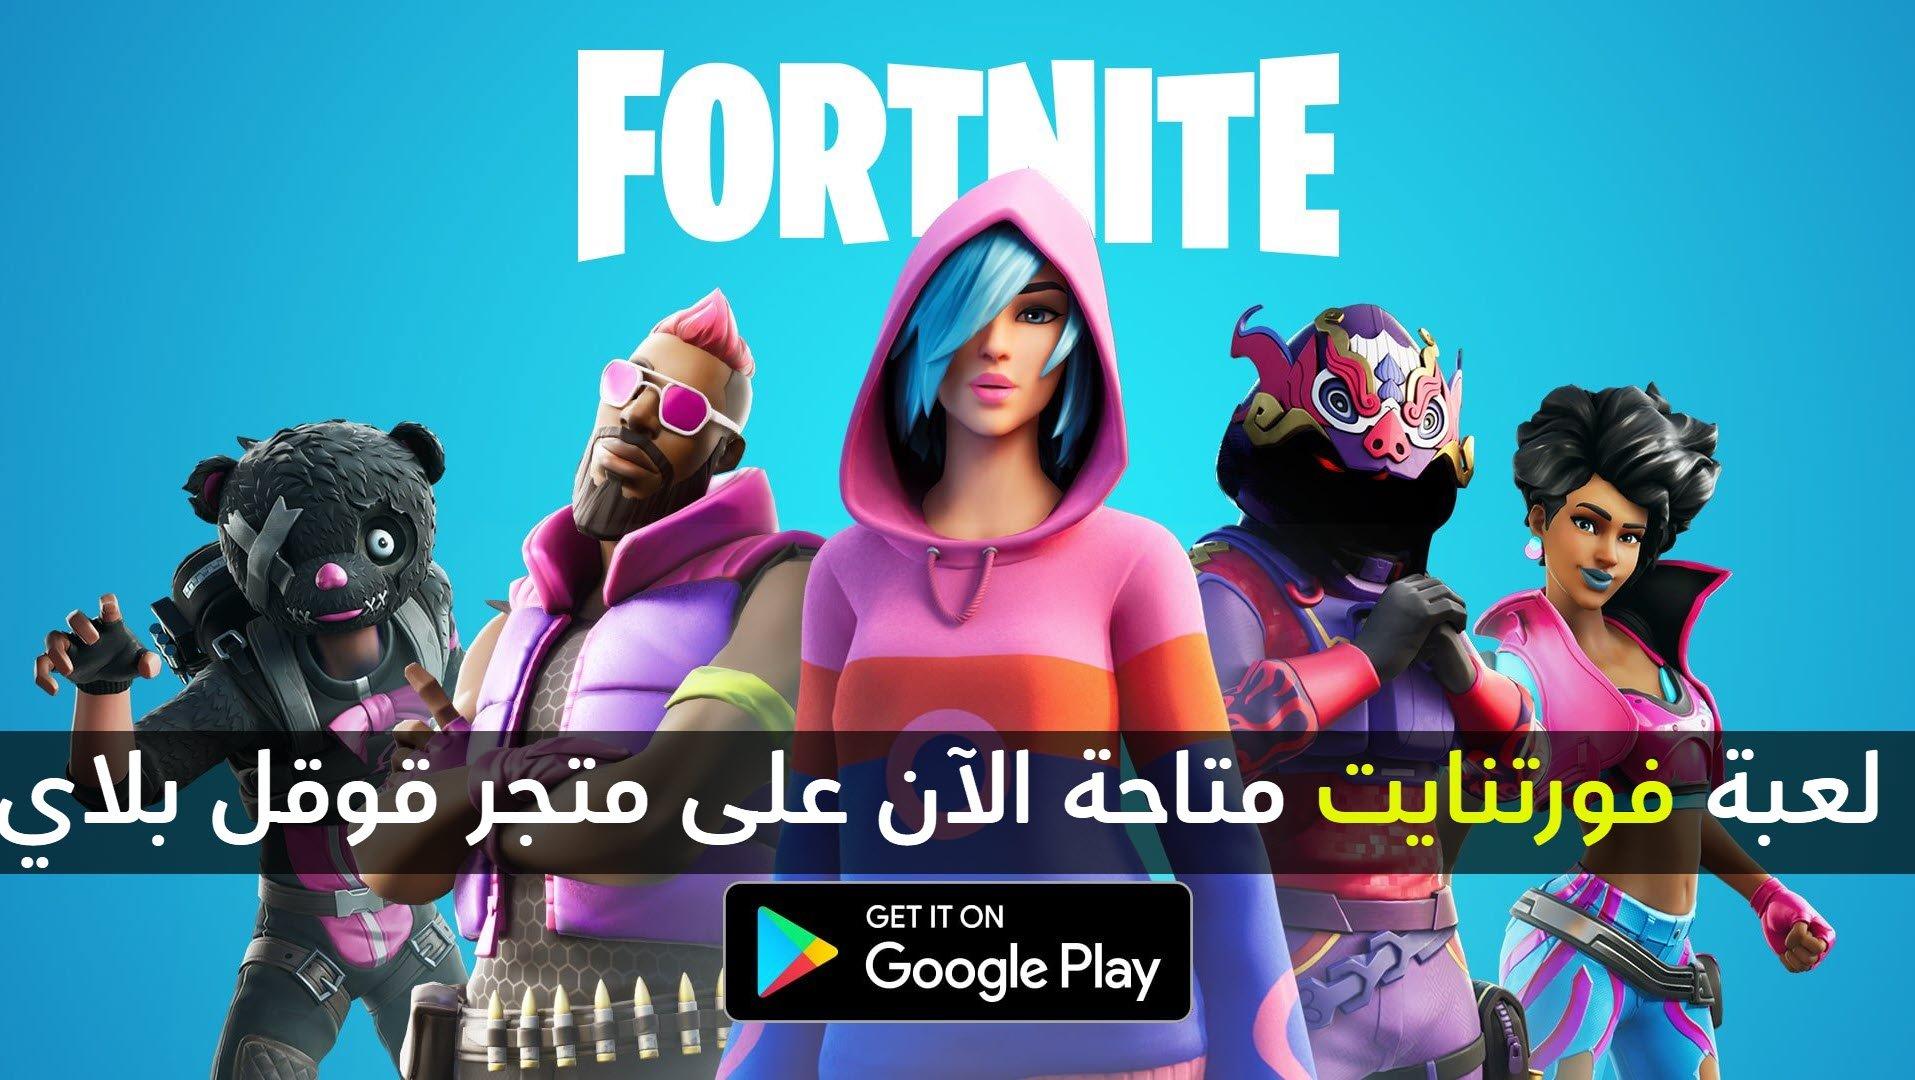 تحميل لعبة Fortnite لهواتف آندرويد من خلال متجر قوقل بلاي